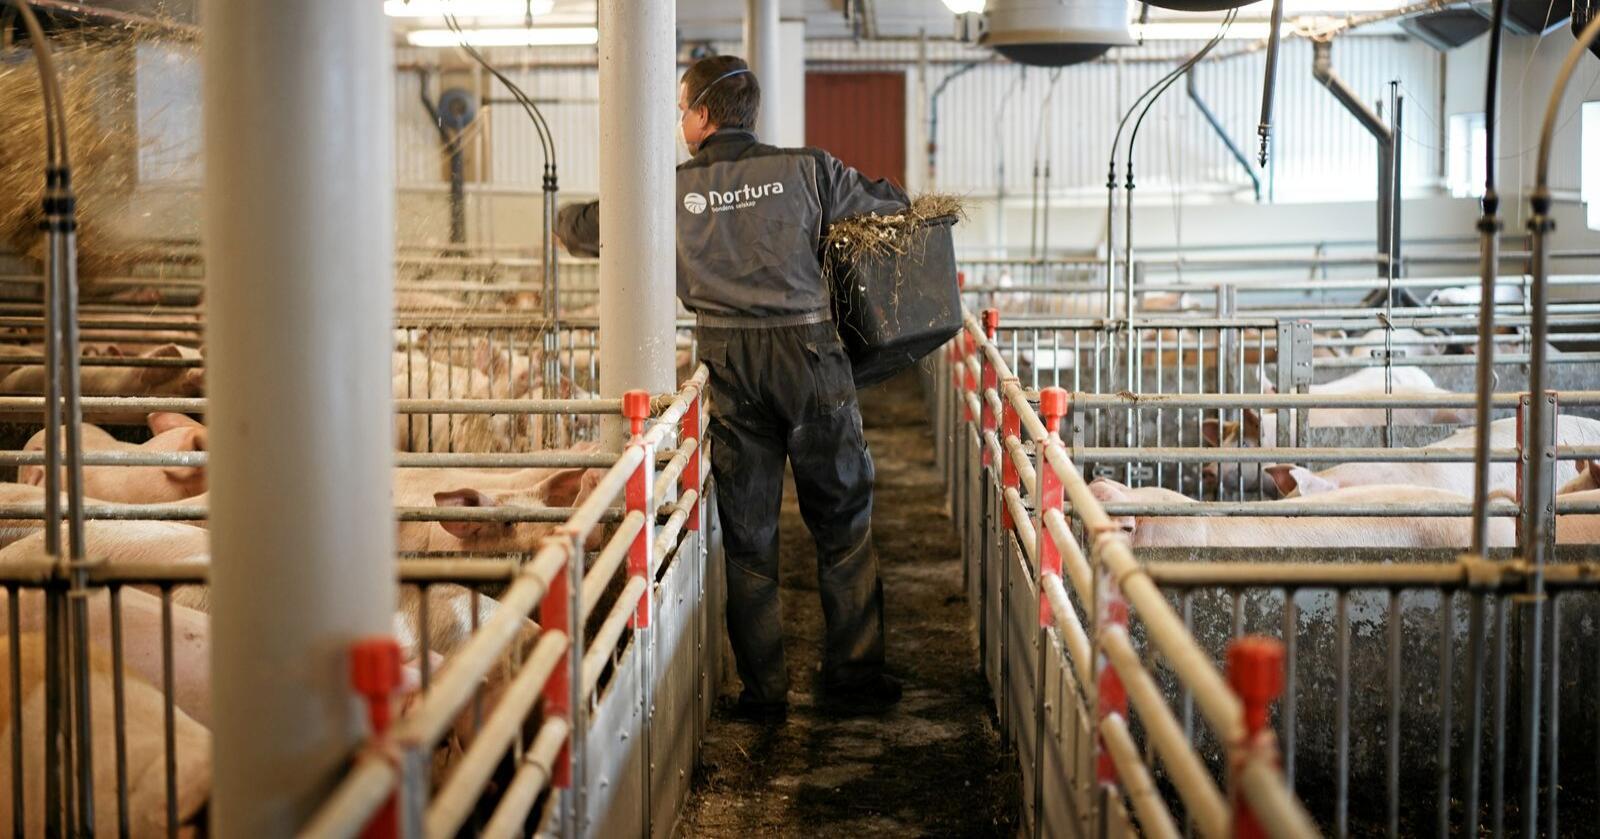 Bøndenes innsats, med blant annet smittevern, har mye å si for kampen mot antibiotikaresistente bakterier i Norge. Illustrasjonsfoto: Benjamin Hernes Vogl